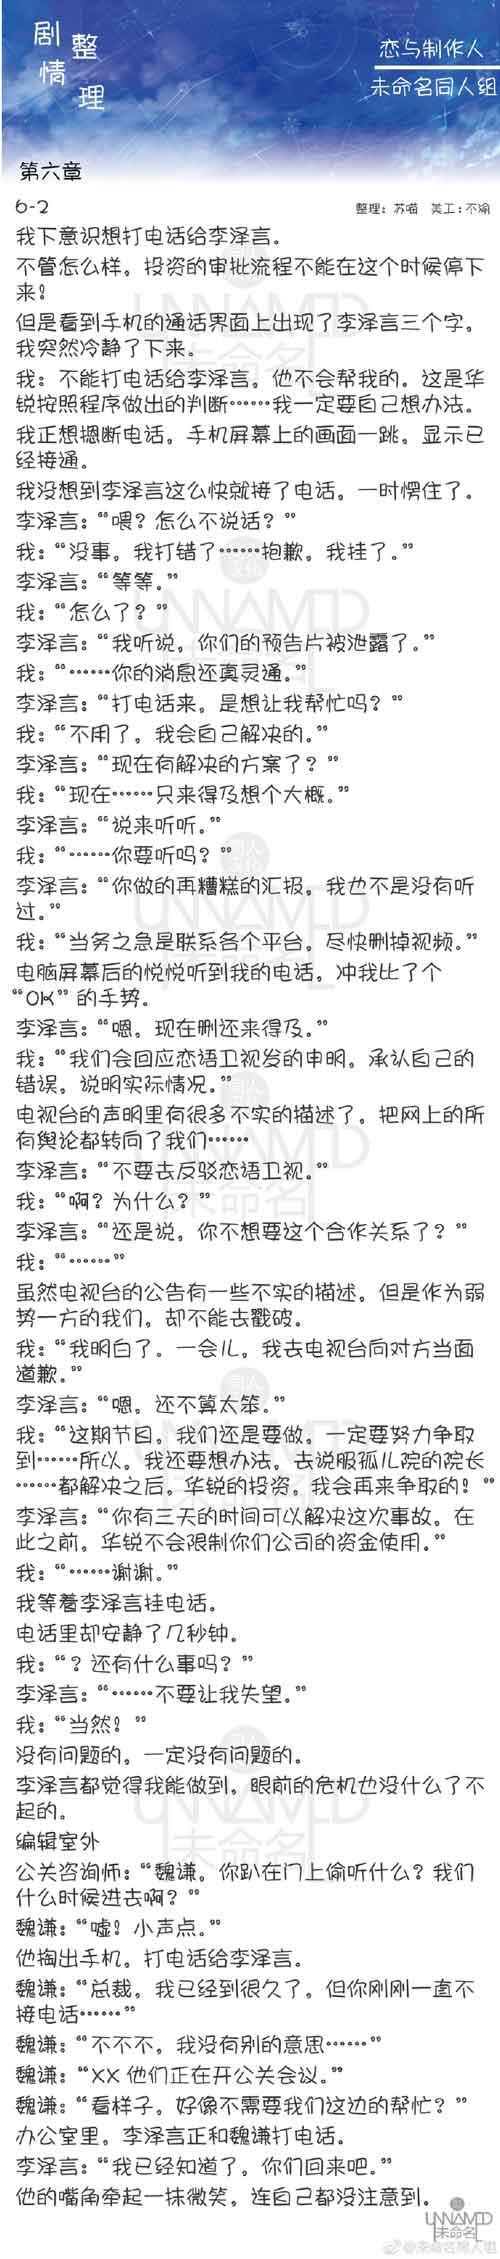 恋与制作人6-2剧情